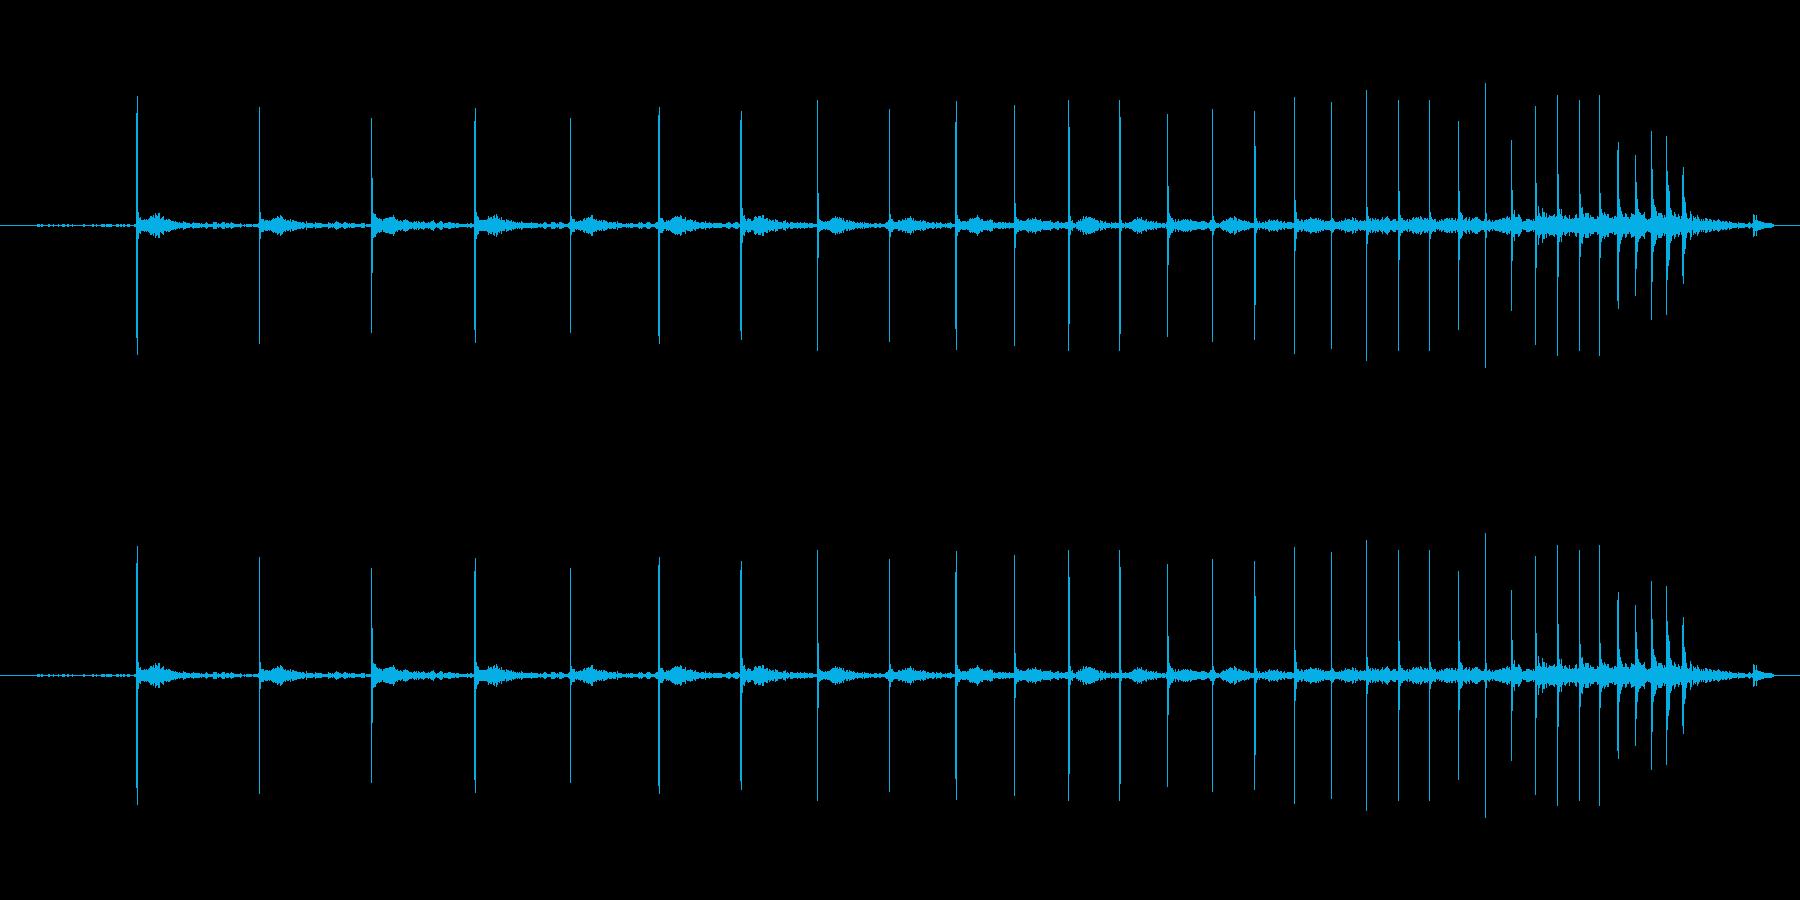 ピンポン玉を転がす音の再生済みの波形